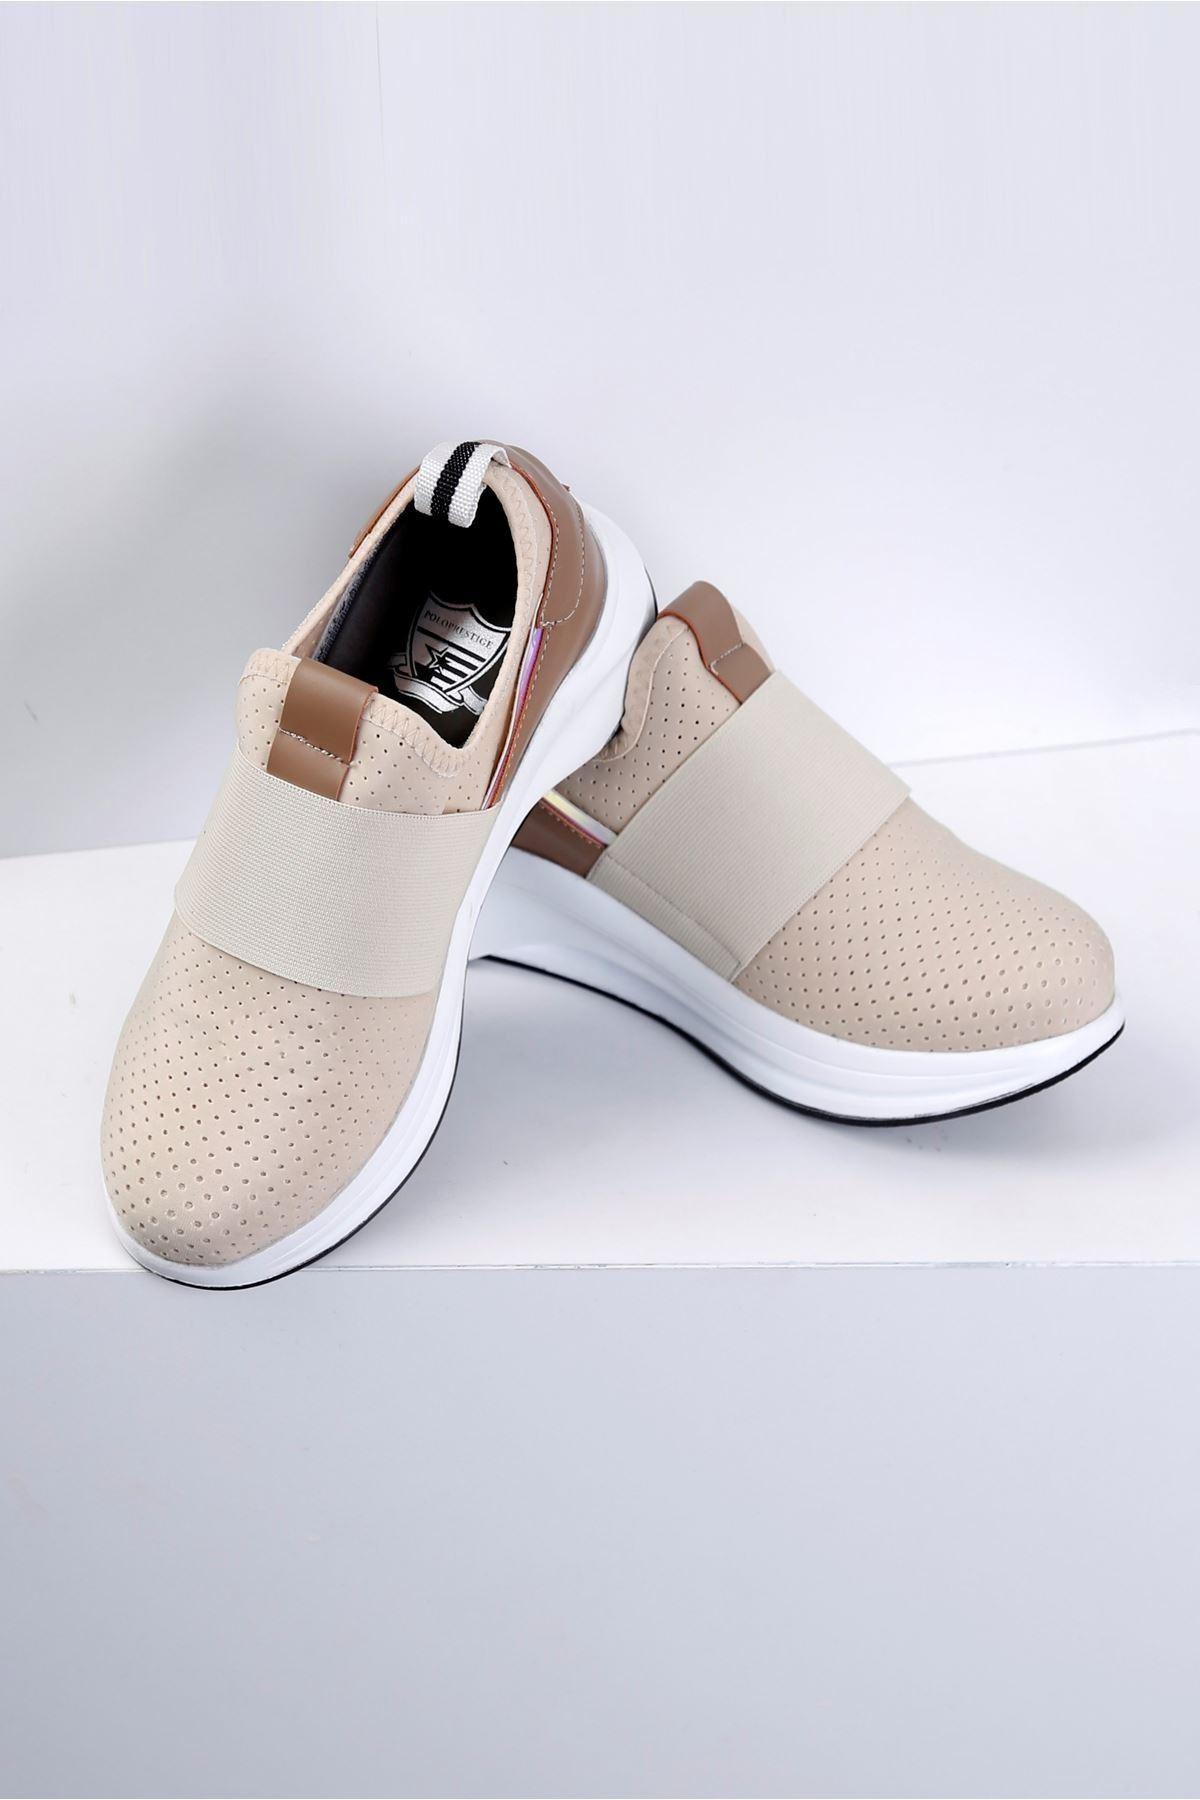 SOFY Vizon Günlük Kadın Ayakkabı